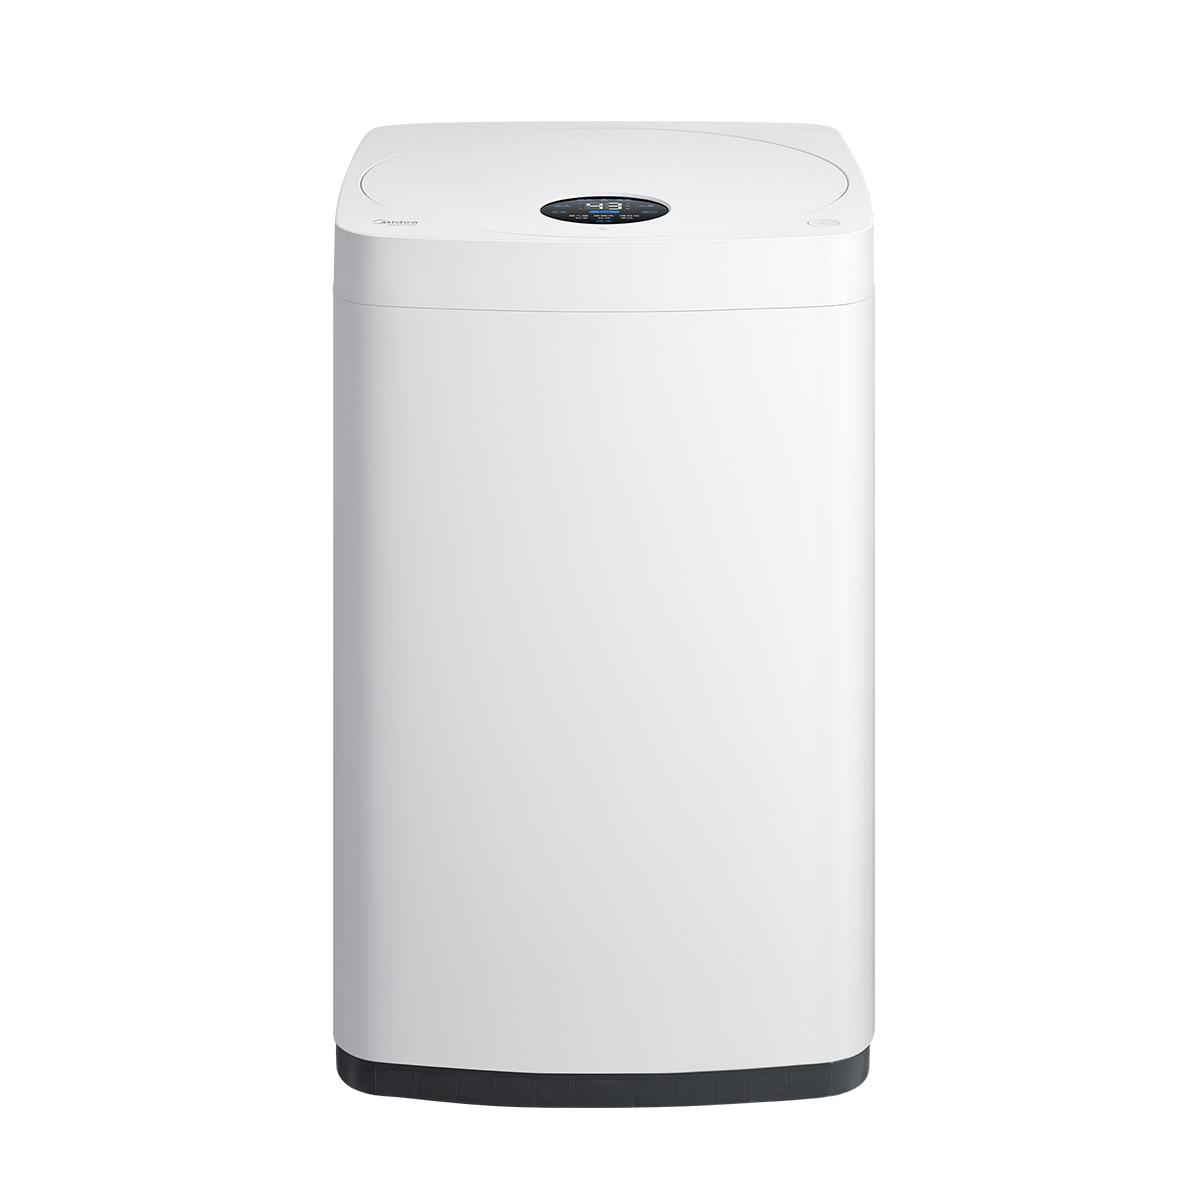 Midea/美的 MB30VH05洗衣机 说明书.pdf